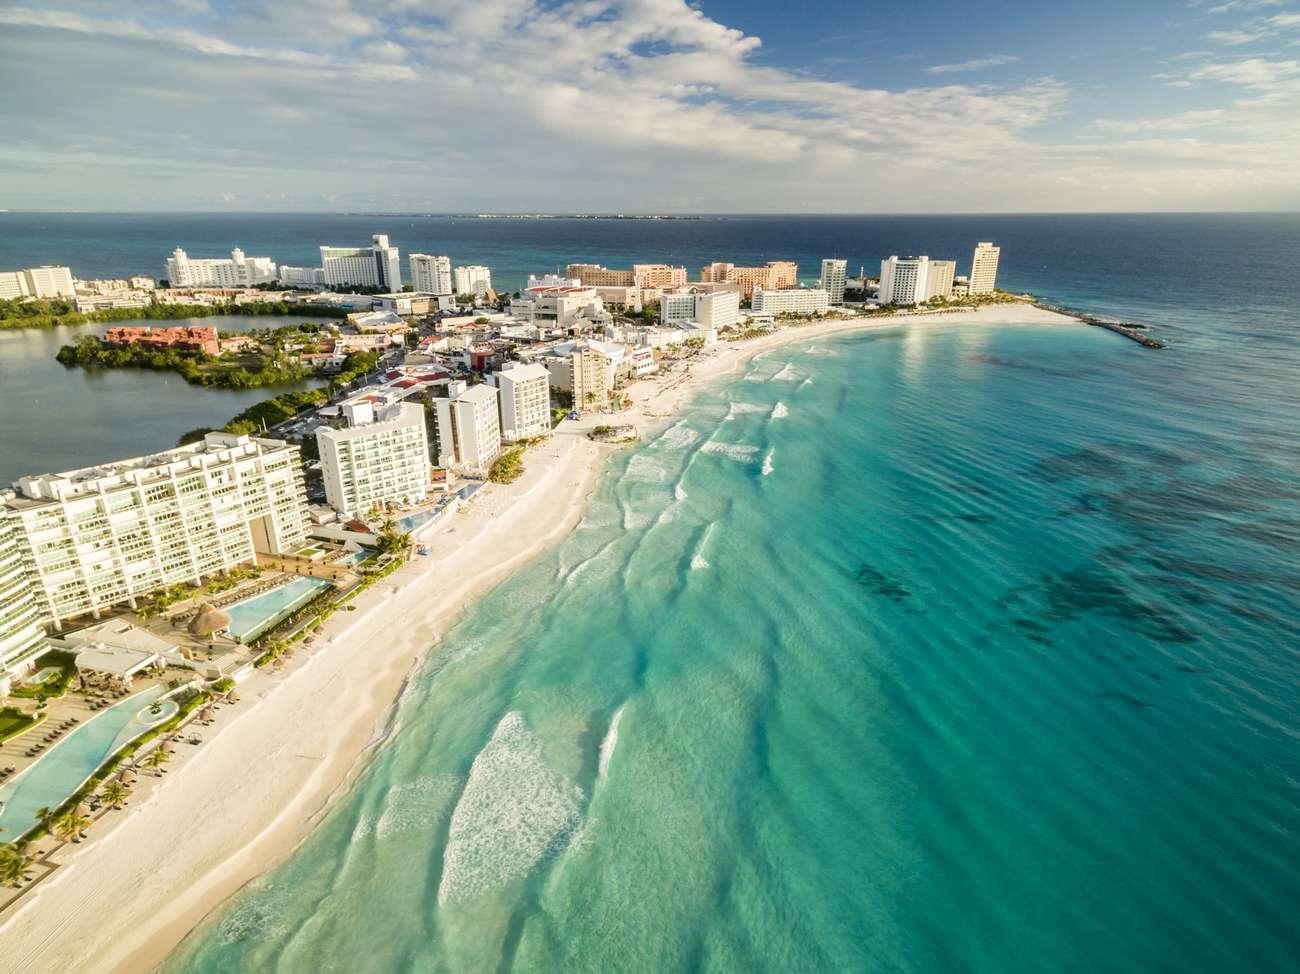 Viajes a Mexico y Cancun desde Colombia 7 dias